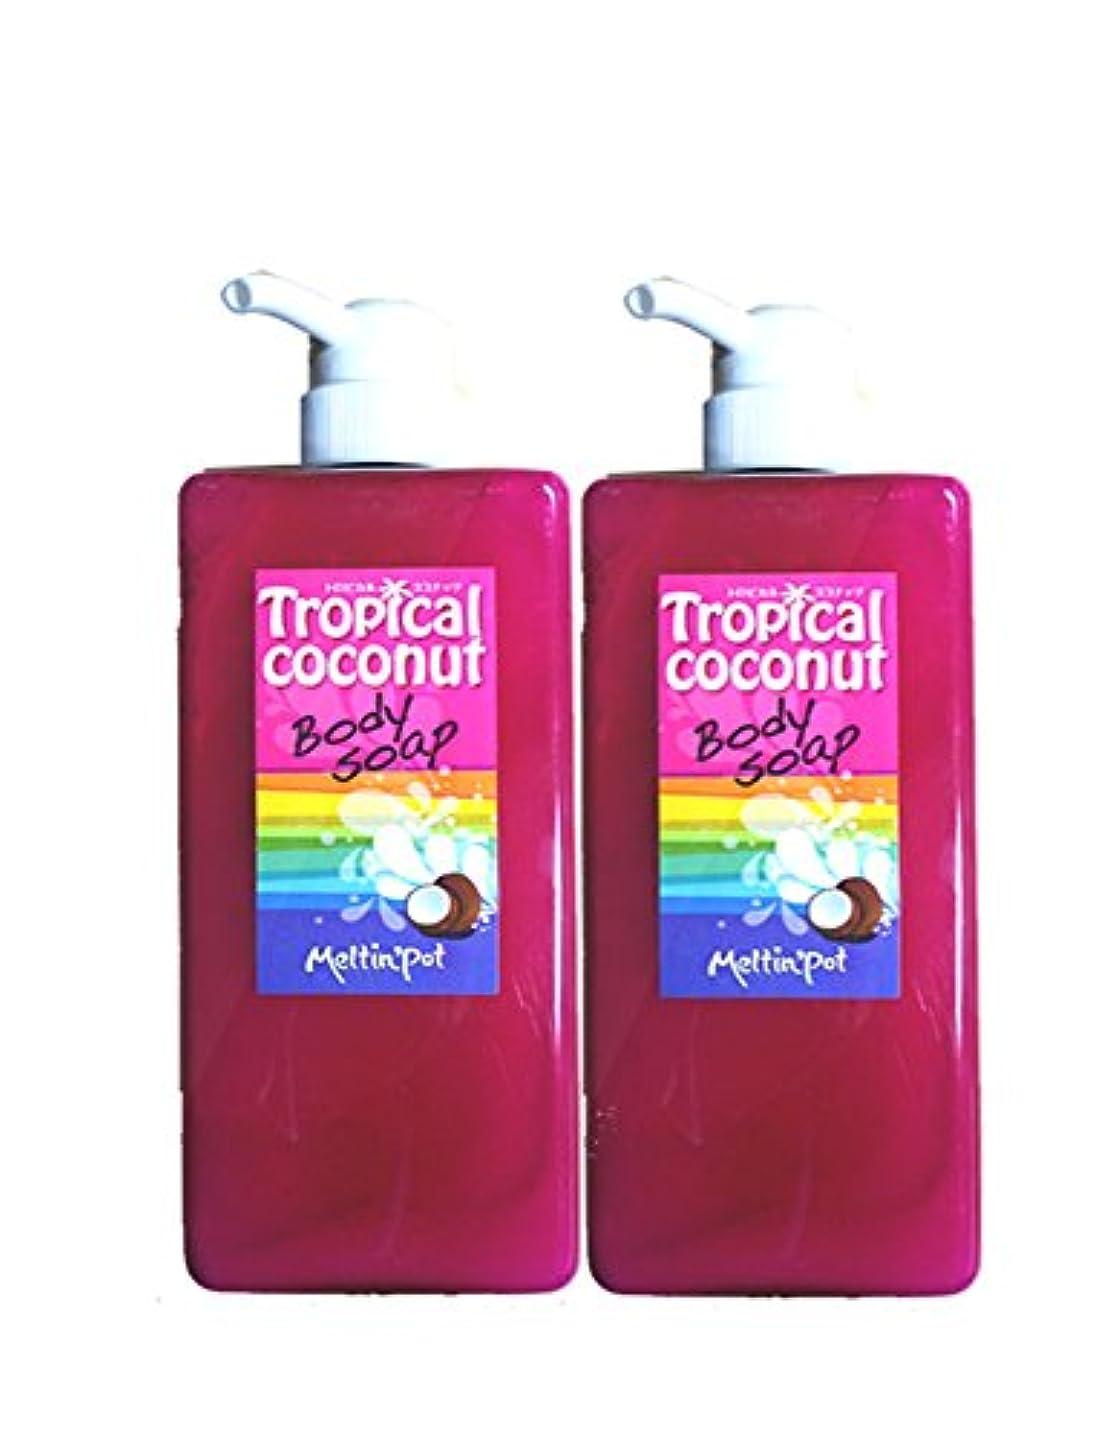 まともな溝操縦するトロピカルココナッツ ボディソープ 600ml*2セット Tropical coconut Body Soap 加齢臭に!